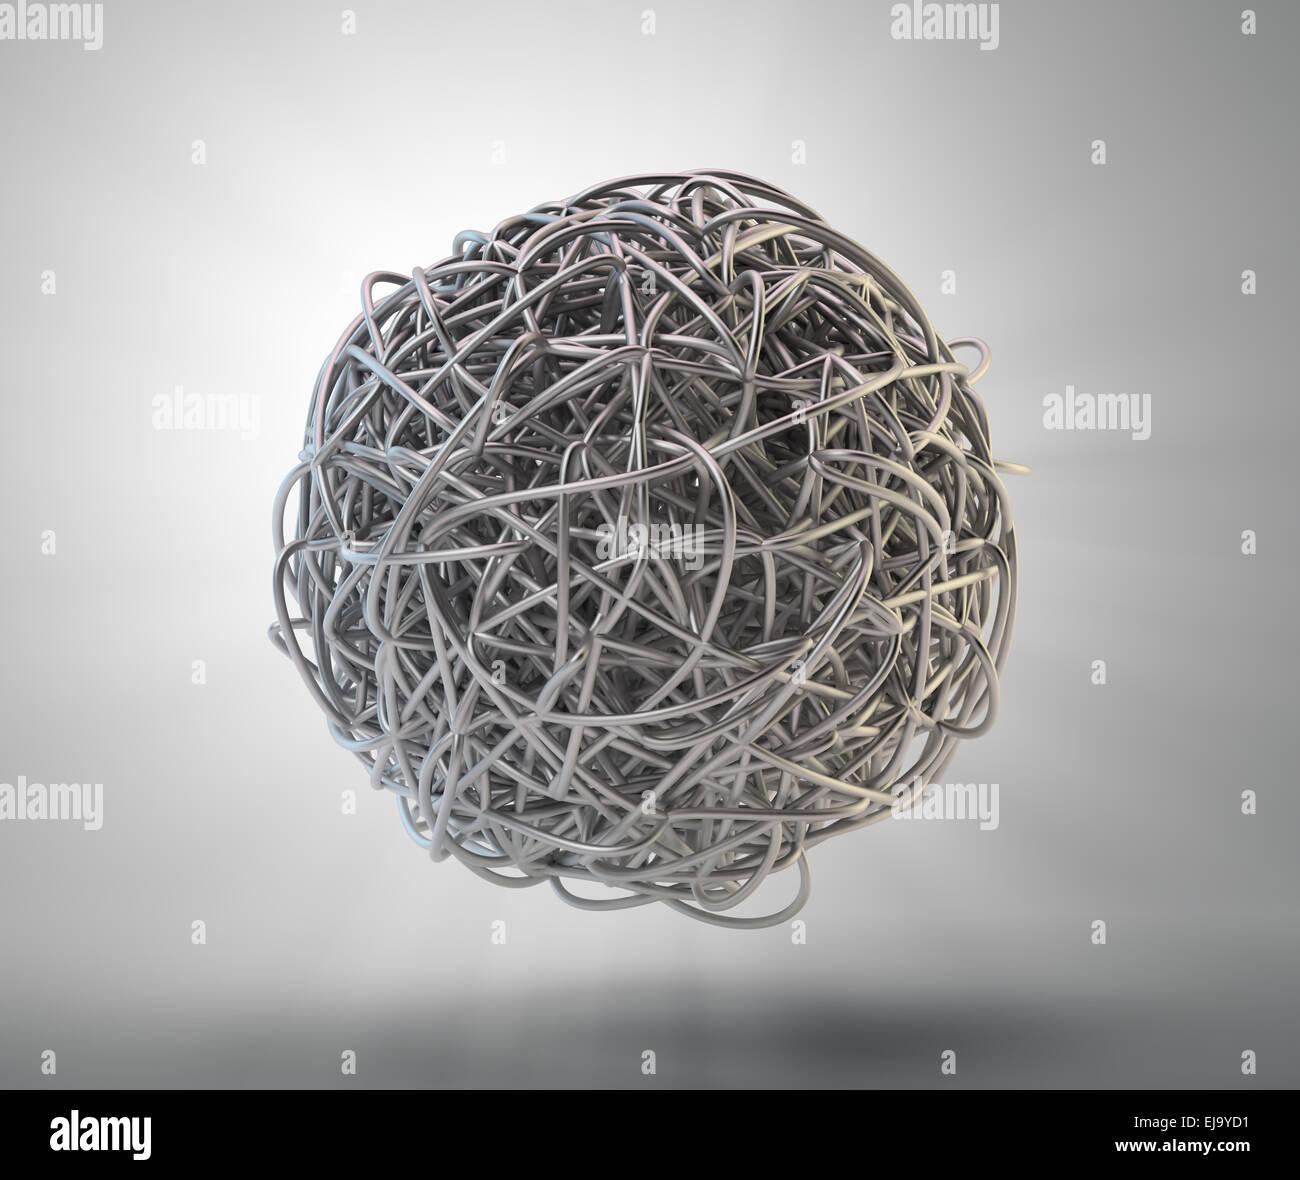 Un resumen de la presentación 3D enredados ranuras de metal Imagen De Stock